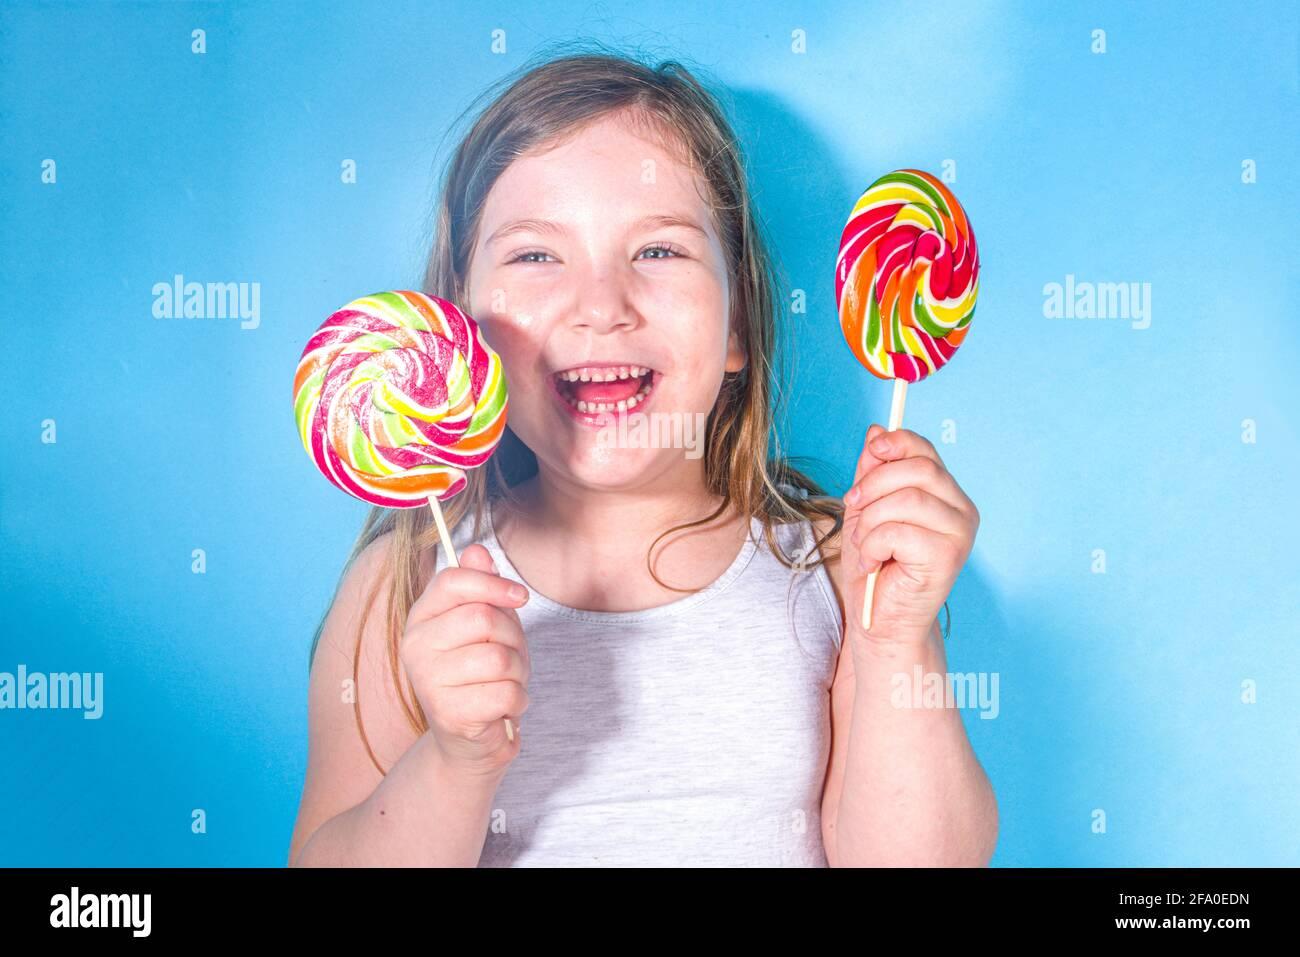 Petite fille drôle heureuse avec de grands collyphes colorés, vacances, bonheur, concept de vacances d'été, Banque D'Images